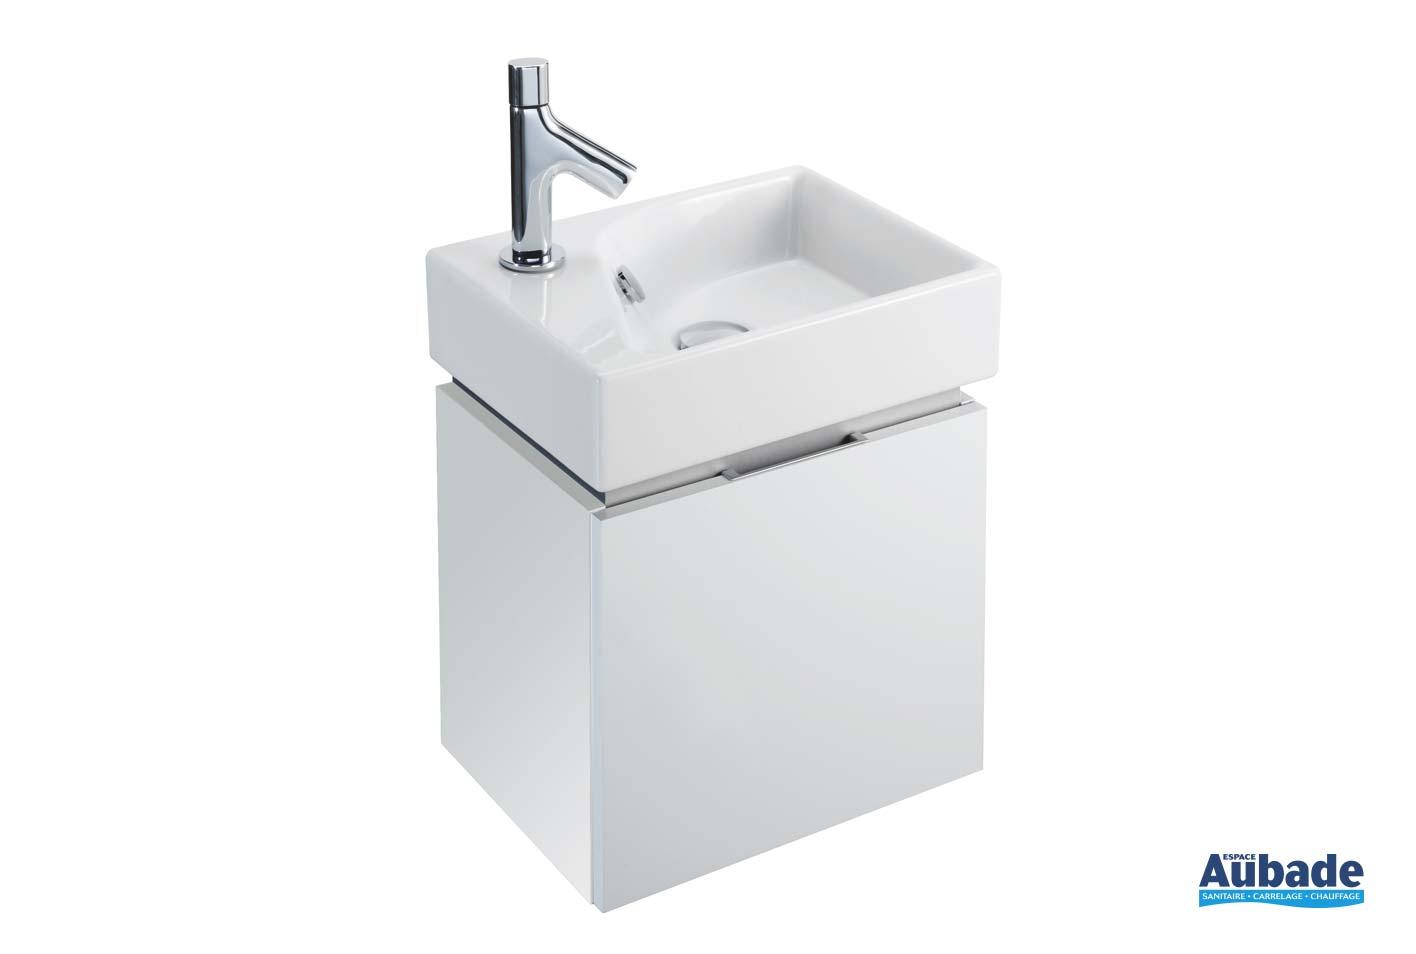 Comment Installer Un Lave Main Avec Meuble lave-main jacob delafon rythmik | espace aubade